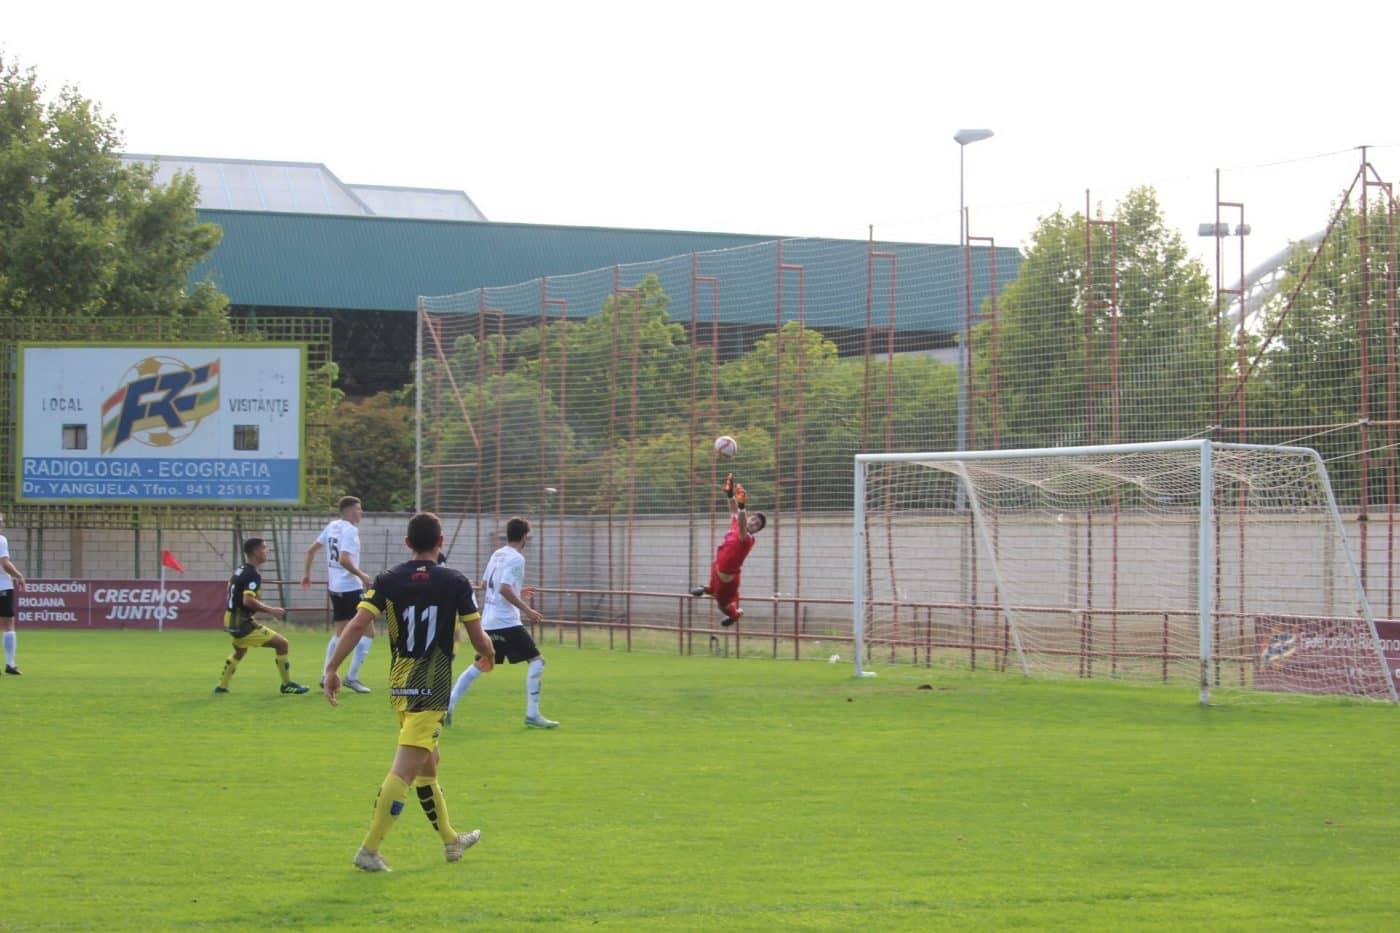 El Alfaro alza el trofeo regional de la Copa RFEF ante el Casalarreina 9